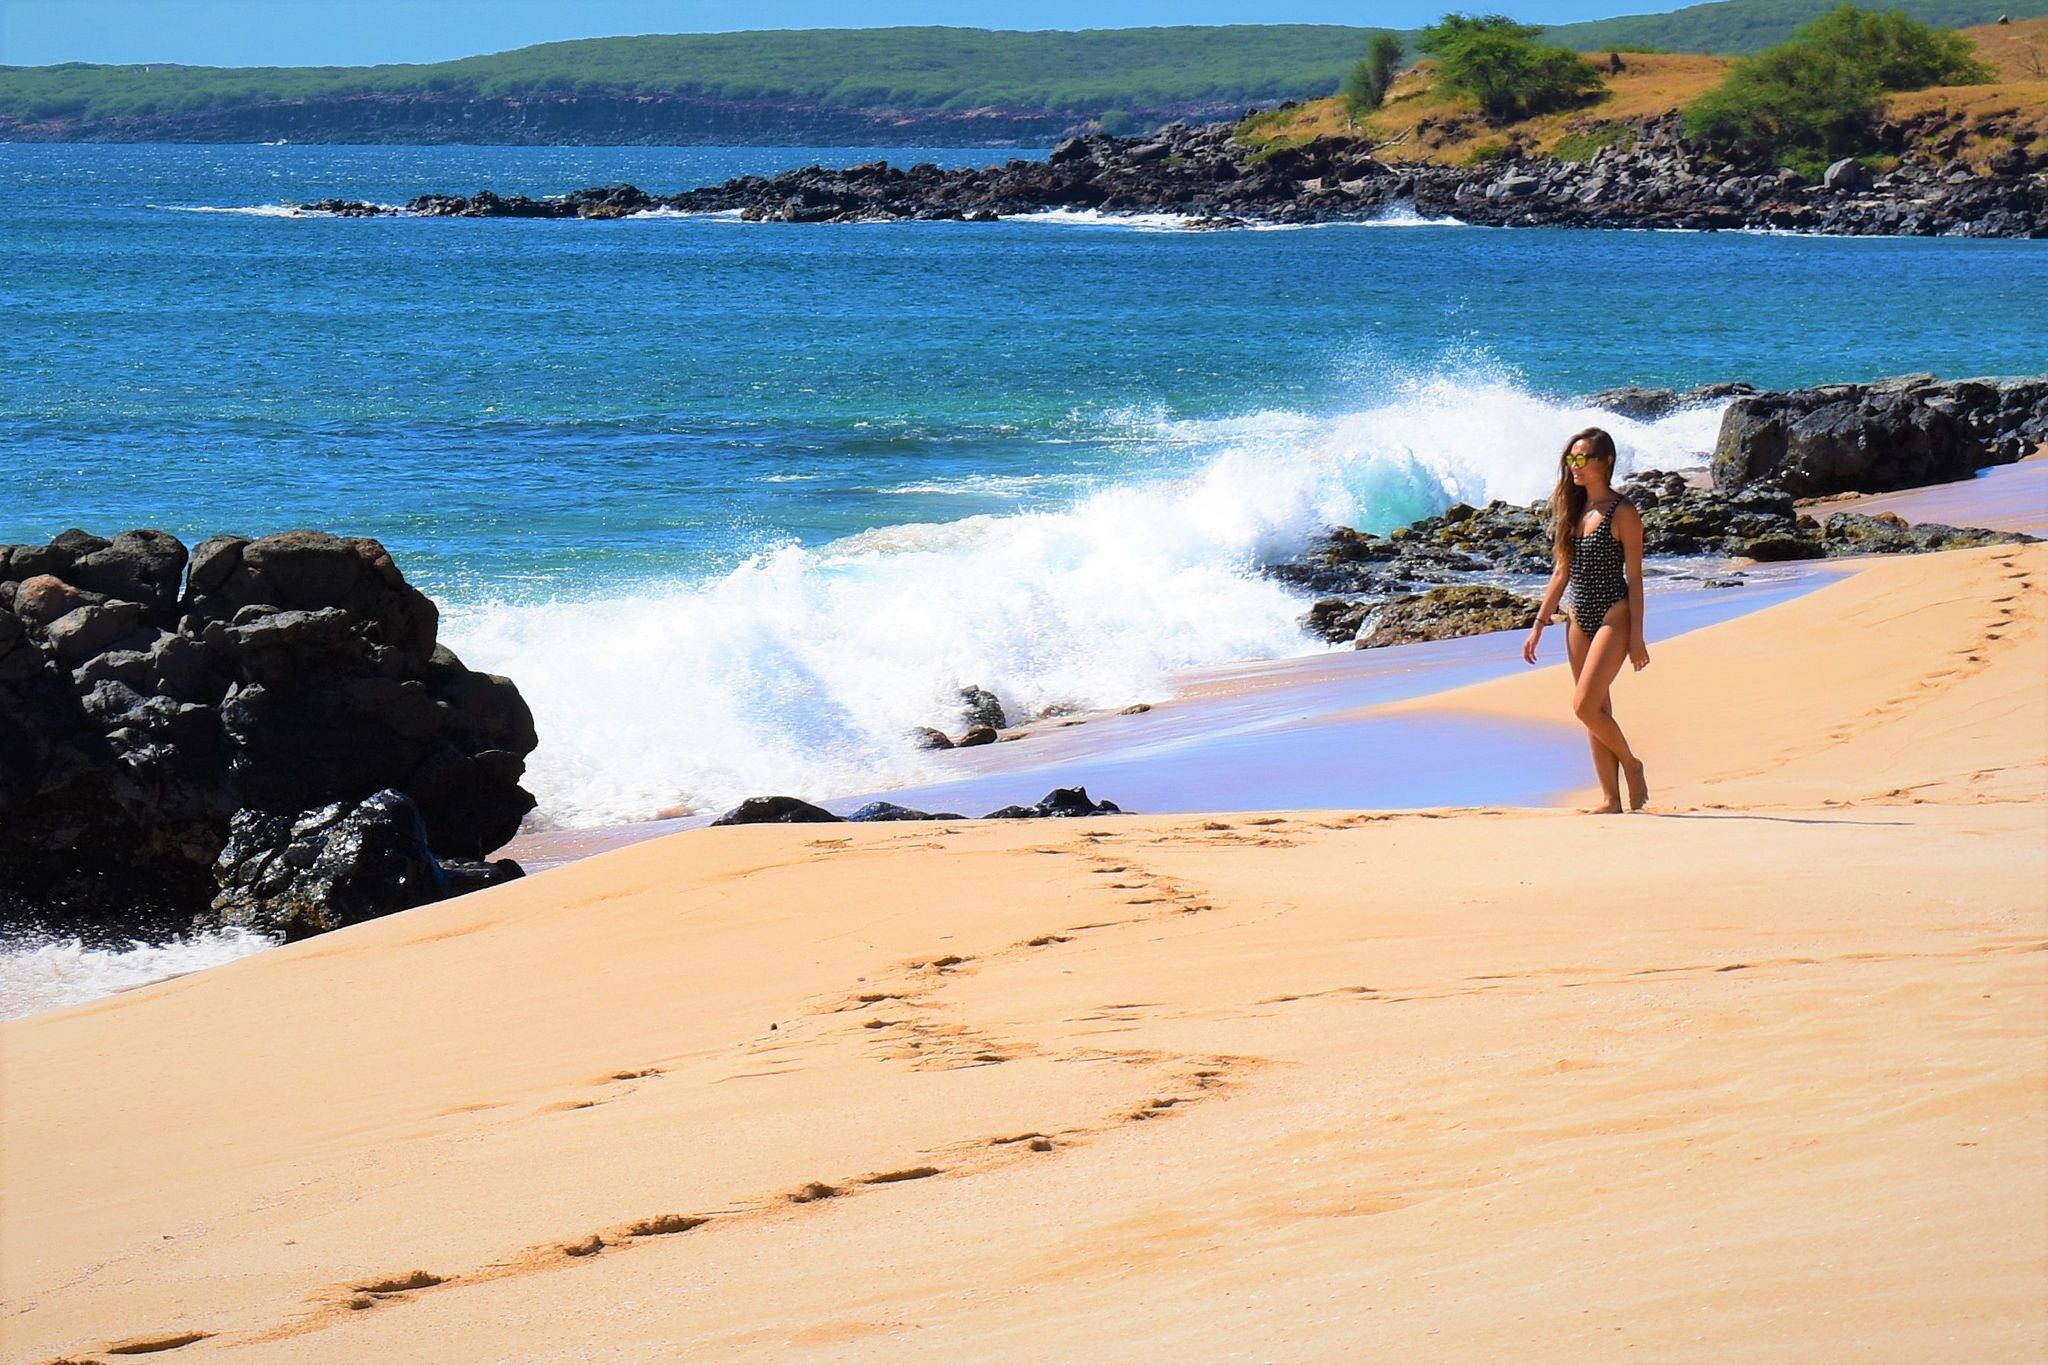 That perfect beach day #vacationmode #motherhoodunplugged